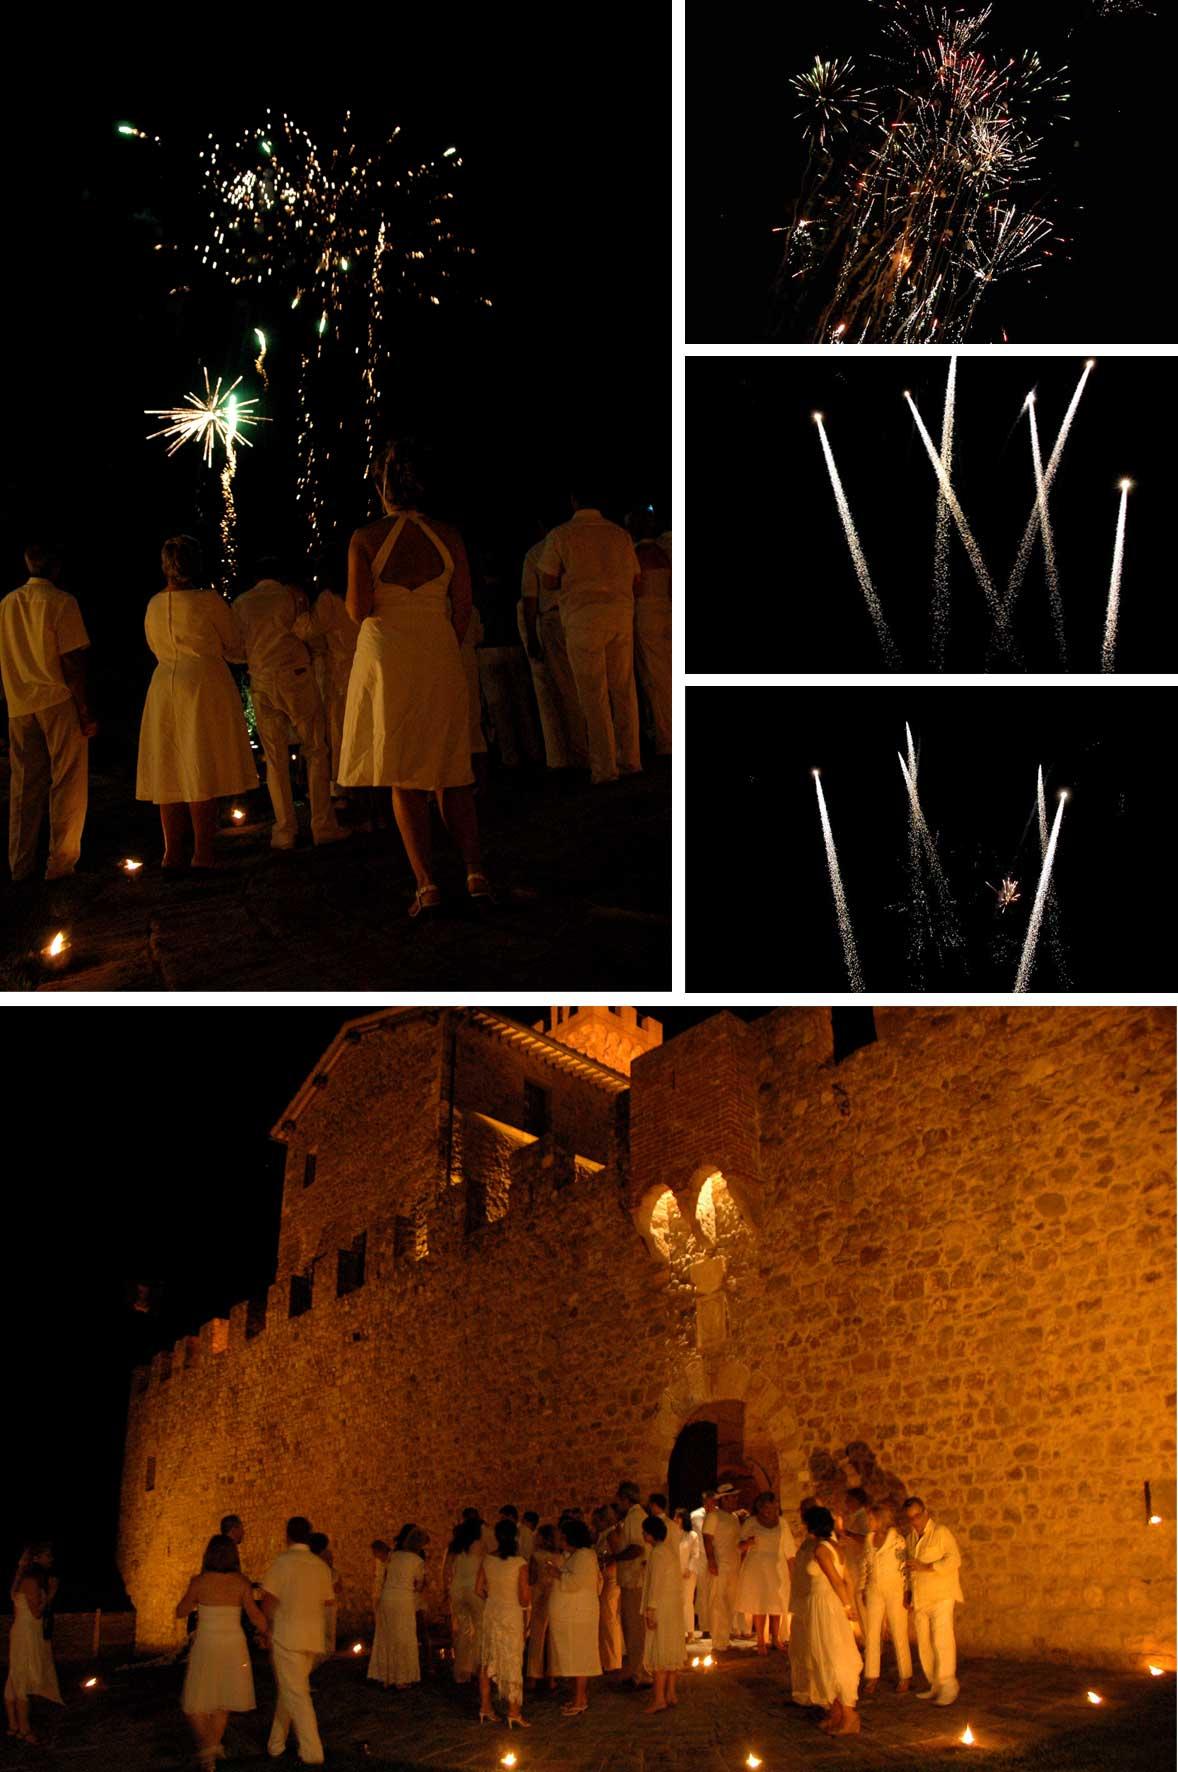 festa di compleanno a tema con fuochi d'artificio